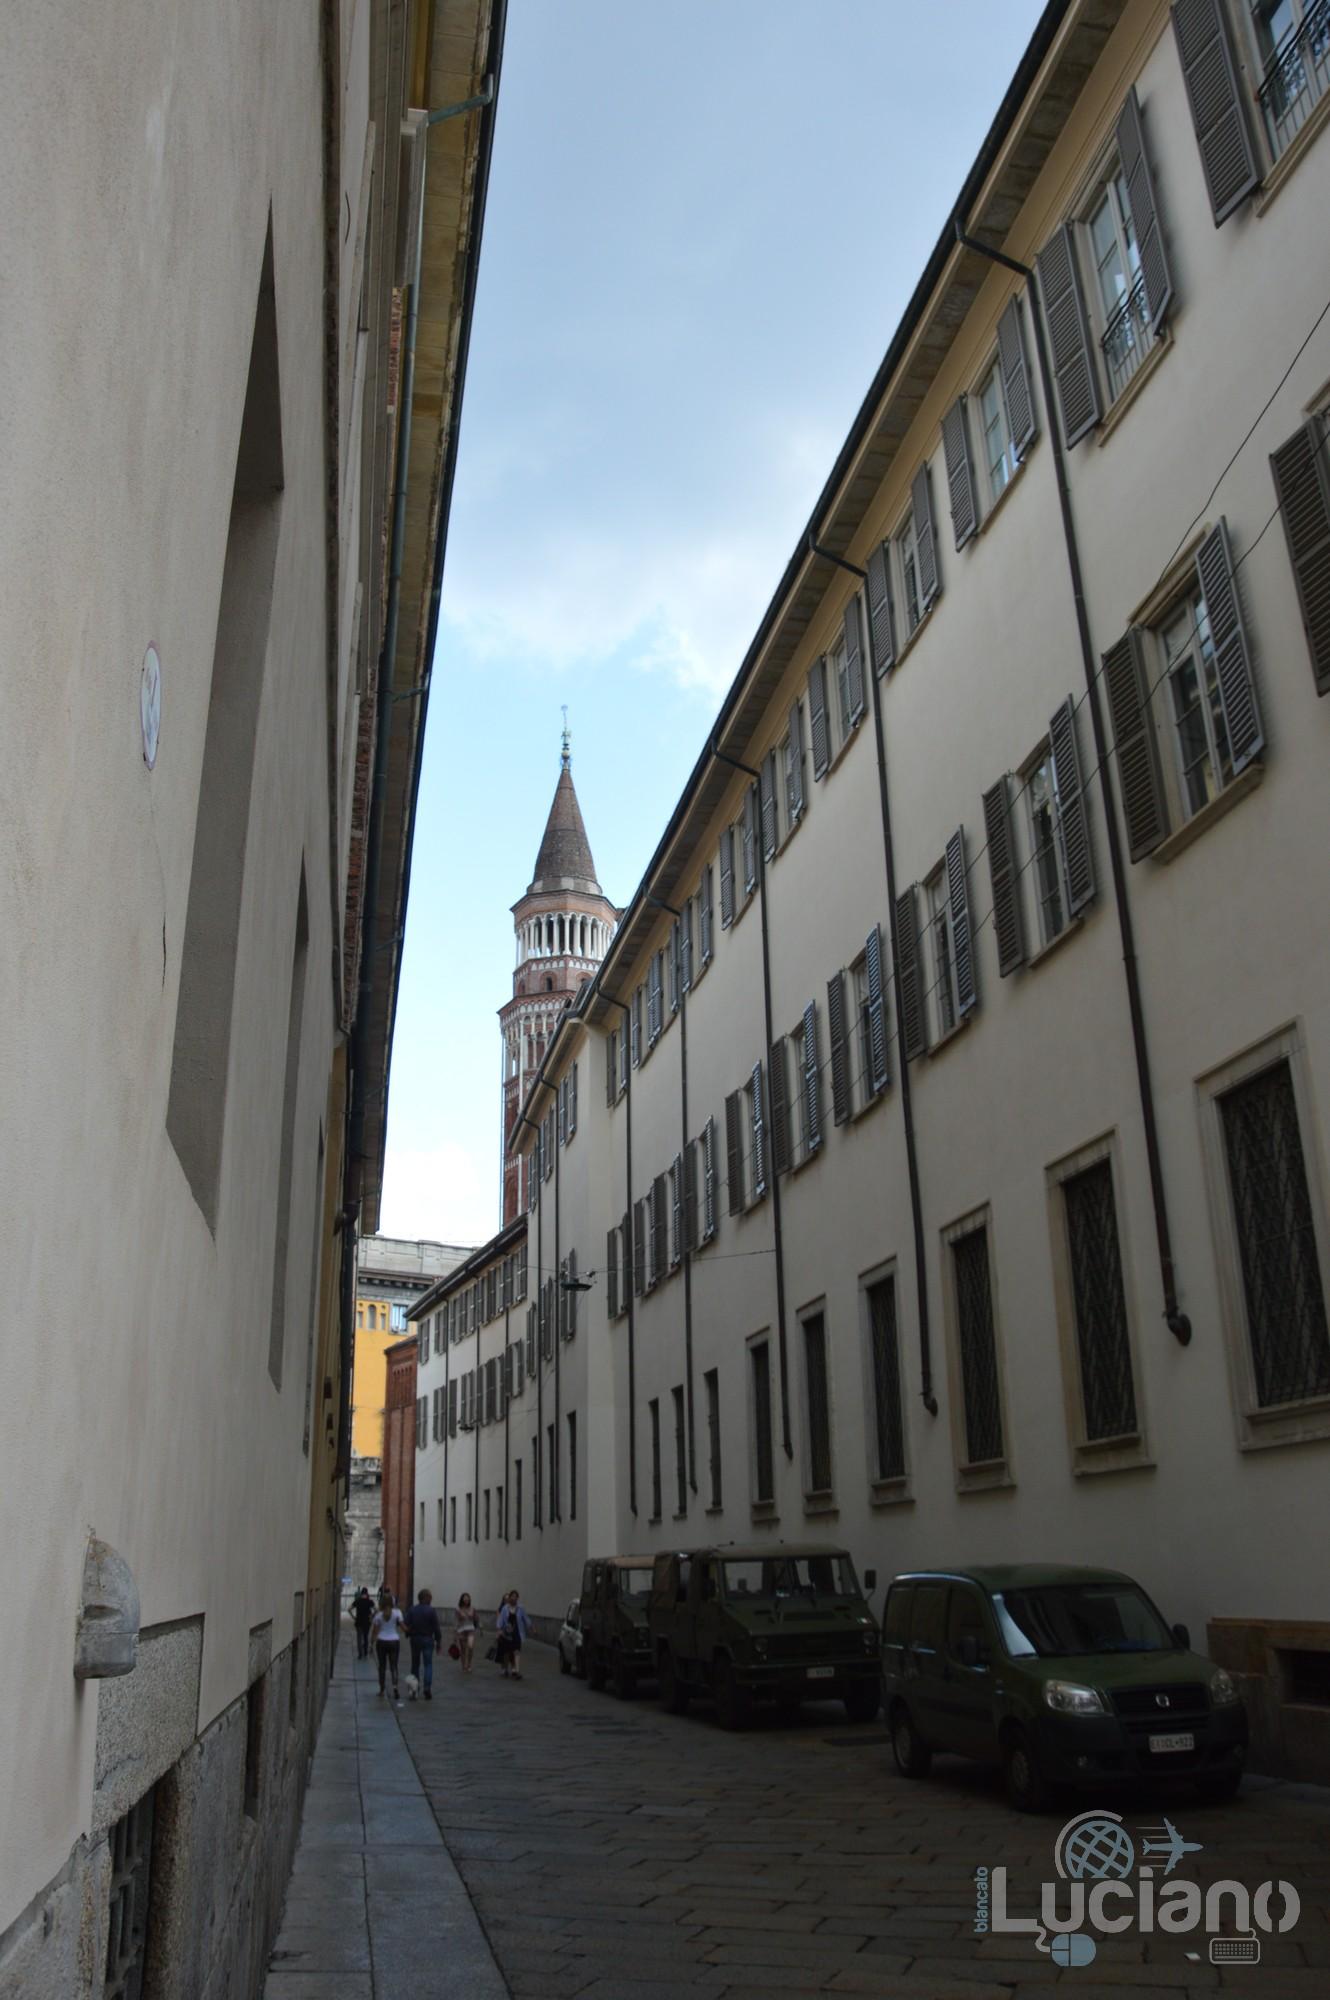 Nei dintorni del duomo di  Milano - Lombardia - Italia